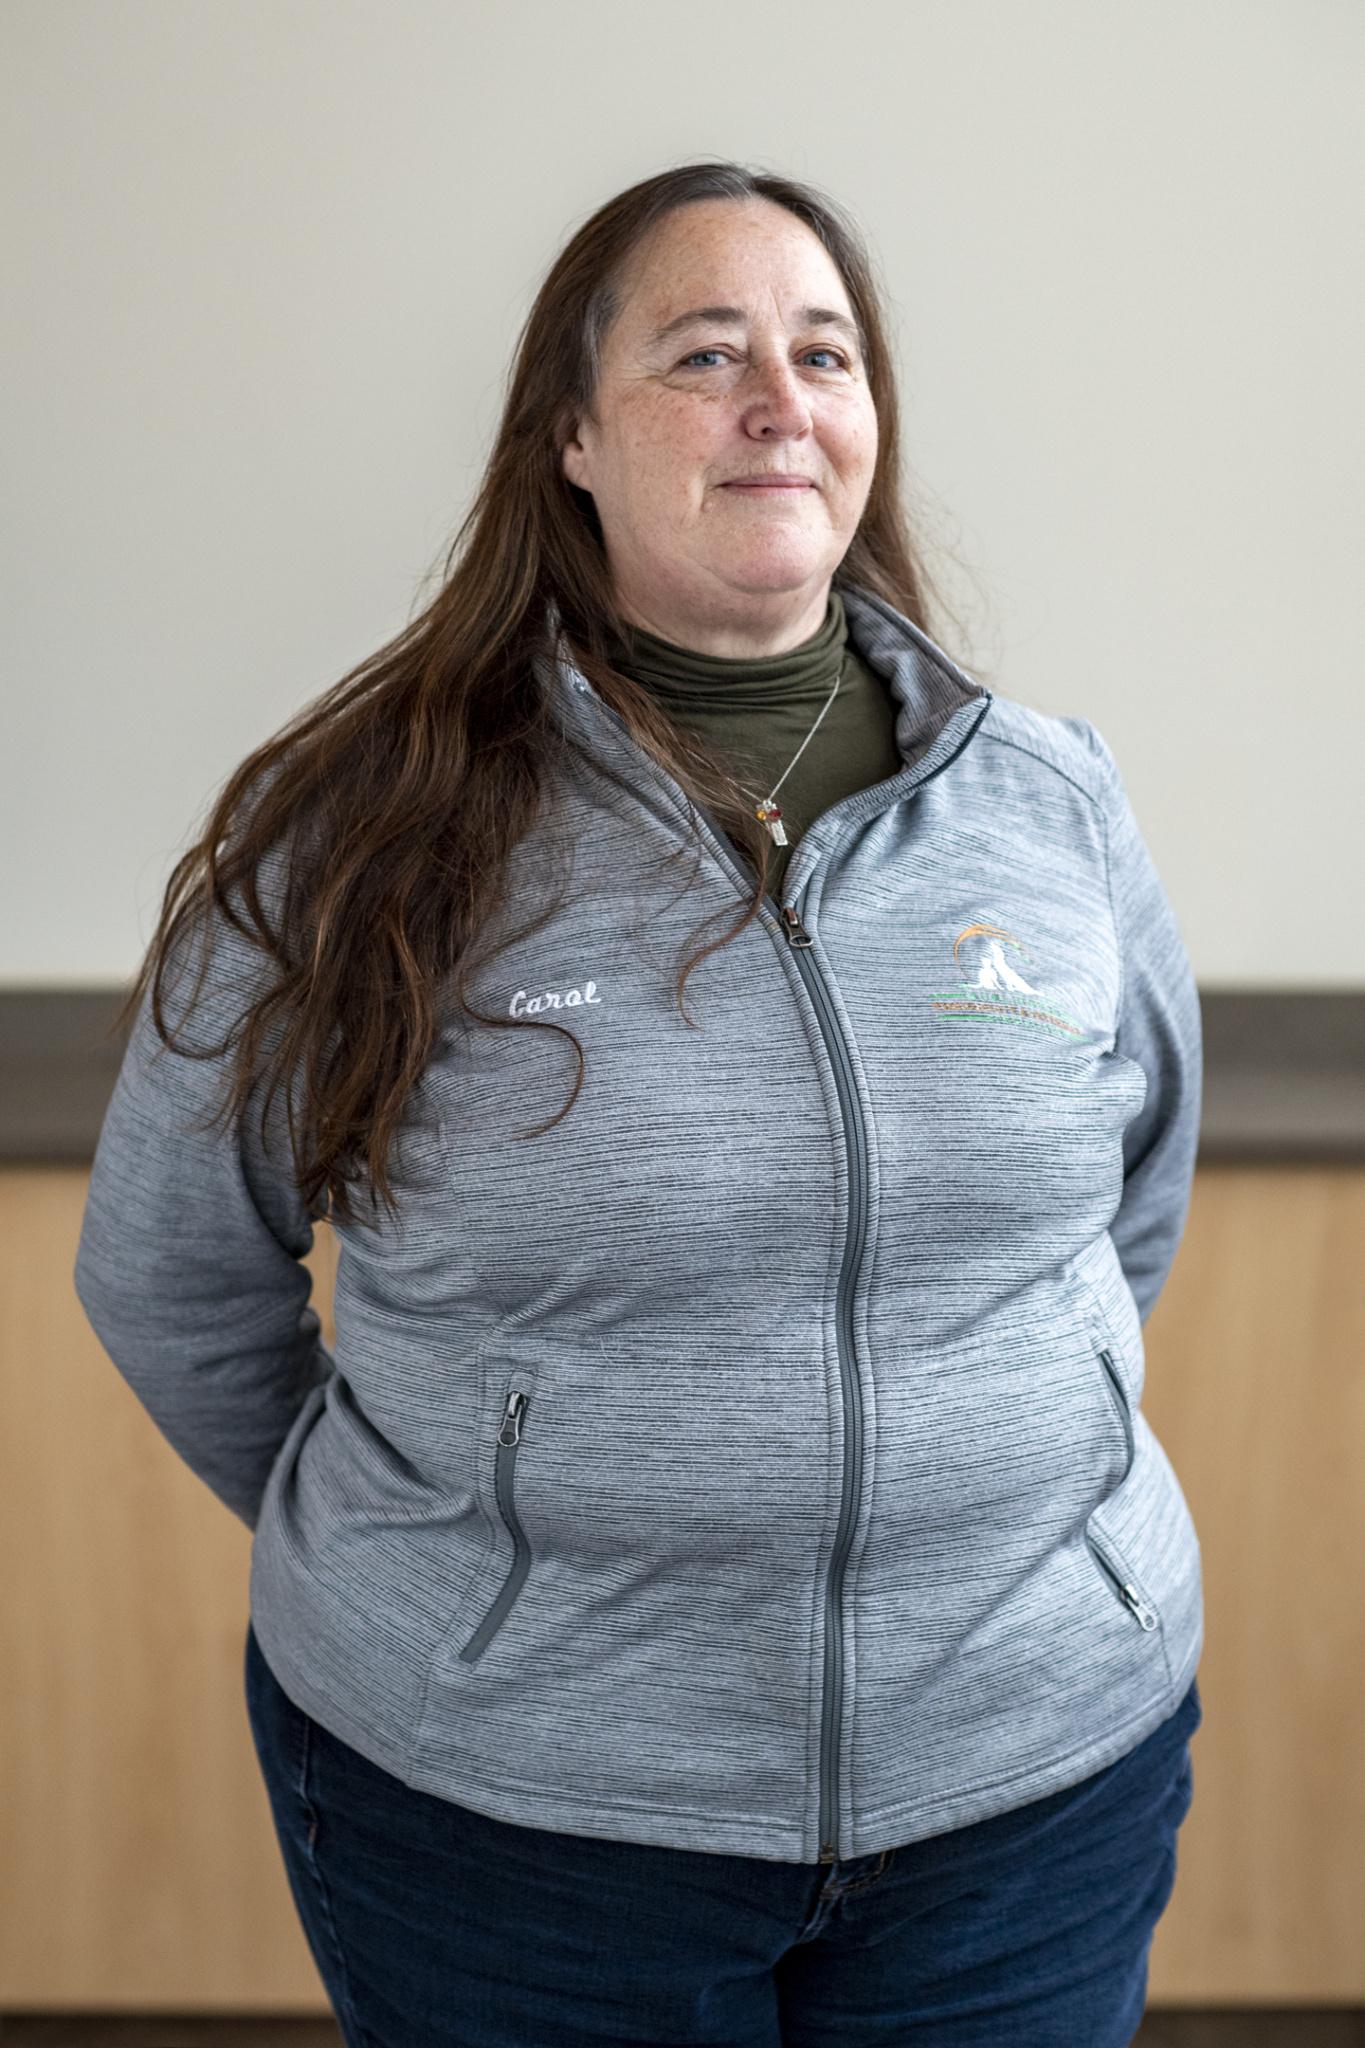 Carol Roberts, CVT